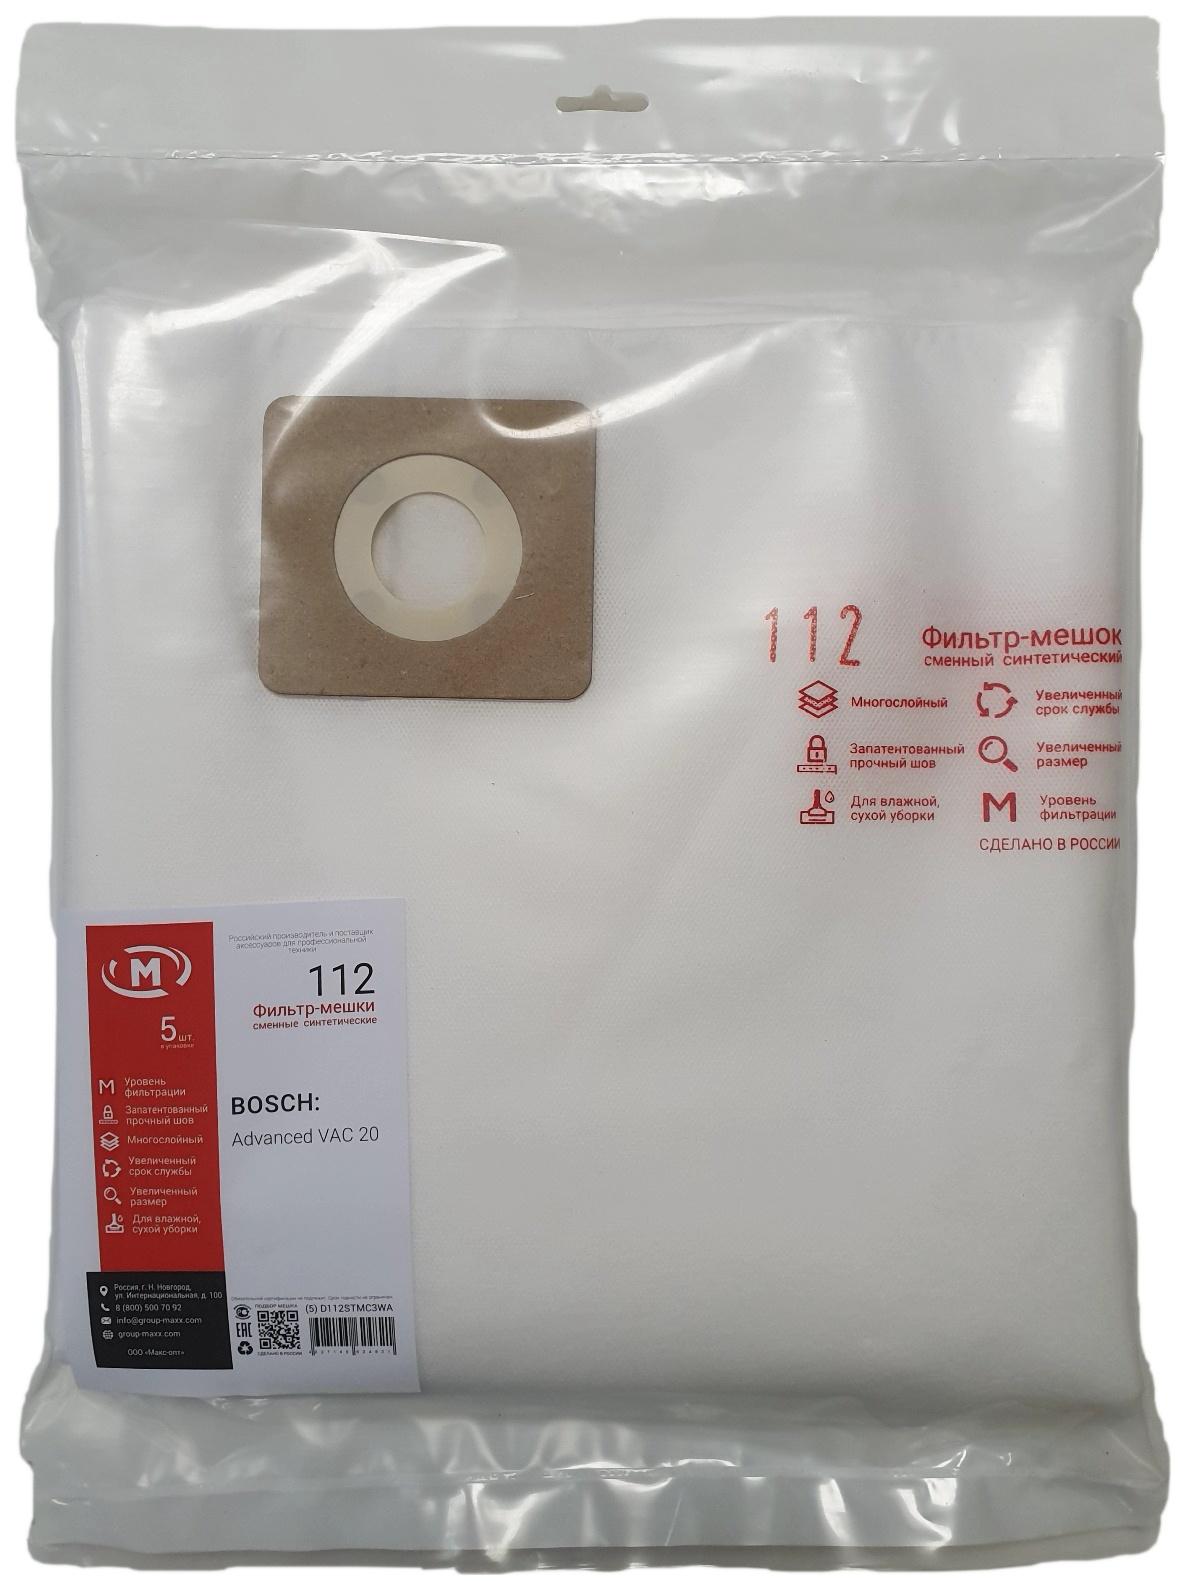 Пылесборники MAXX 112 для промышленных пылесосов, 5 шт.